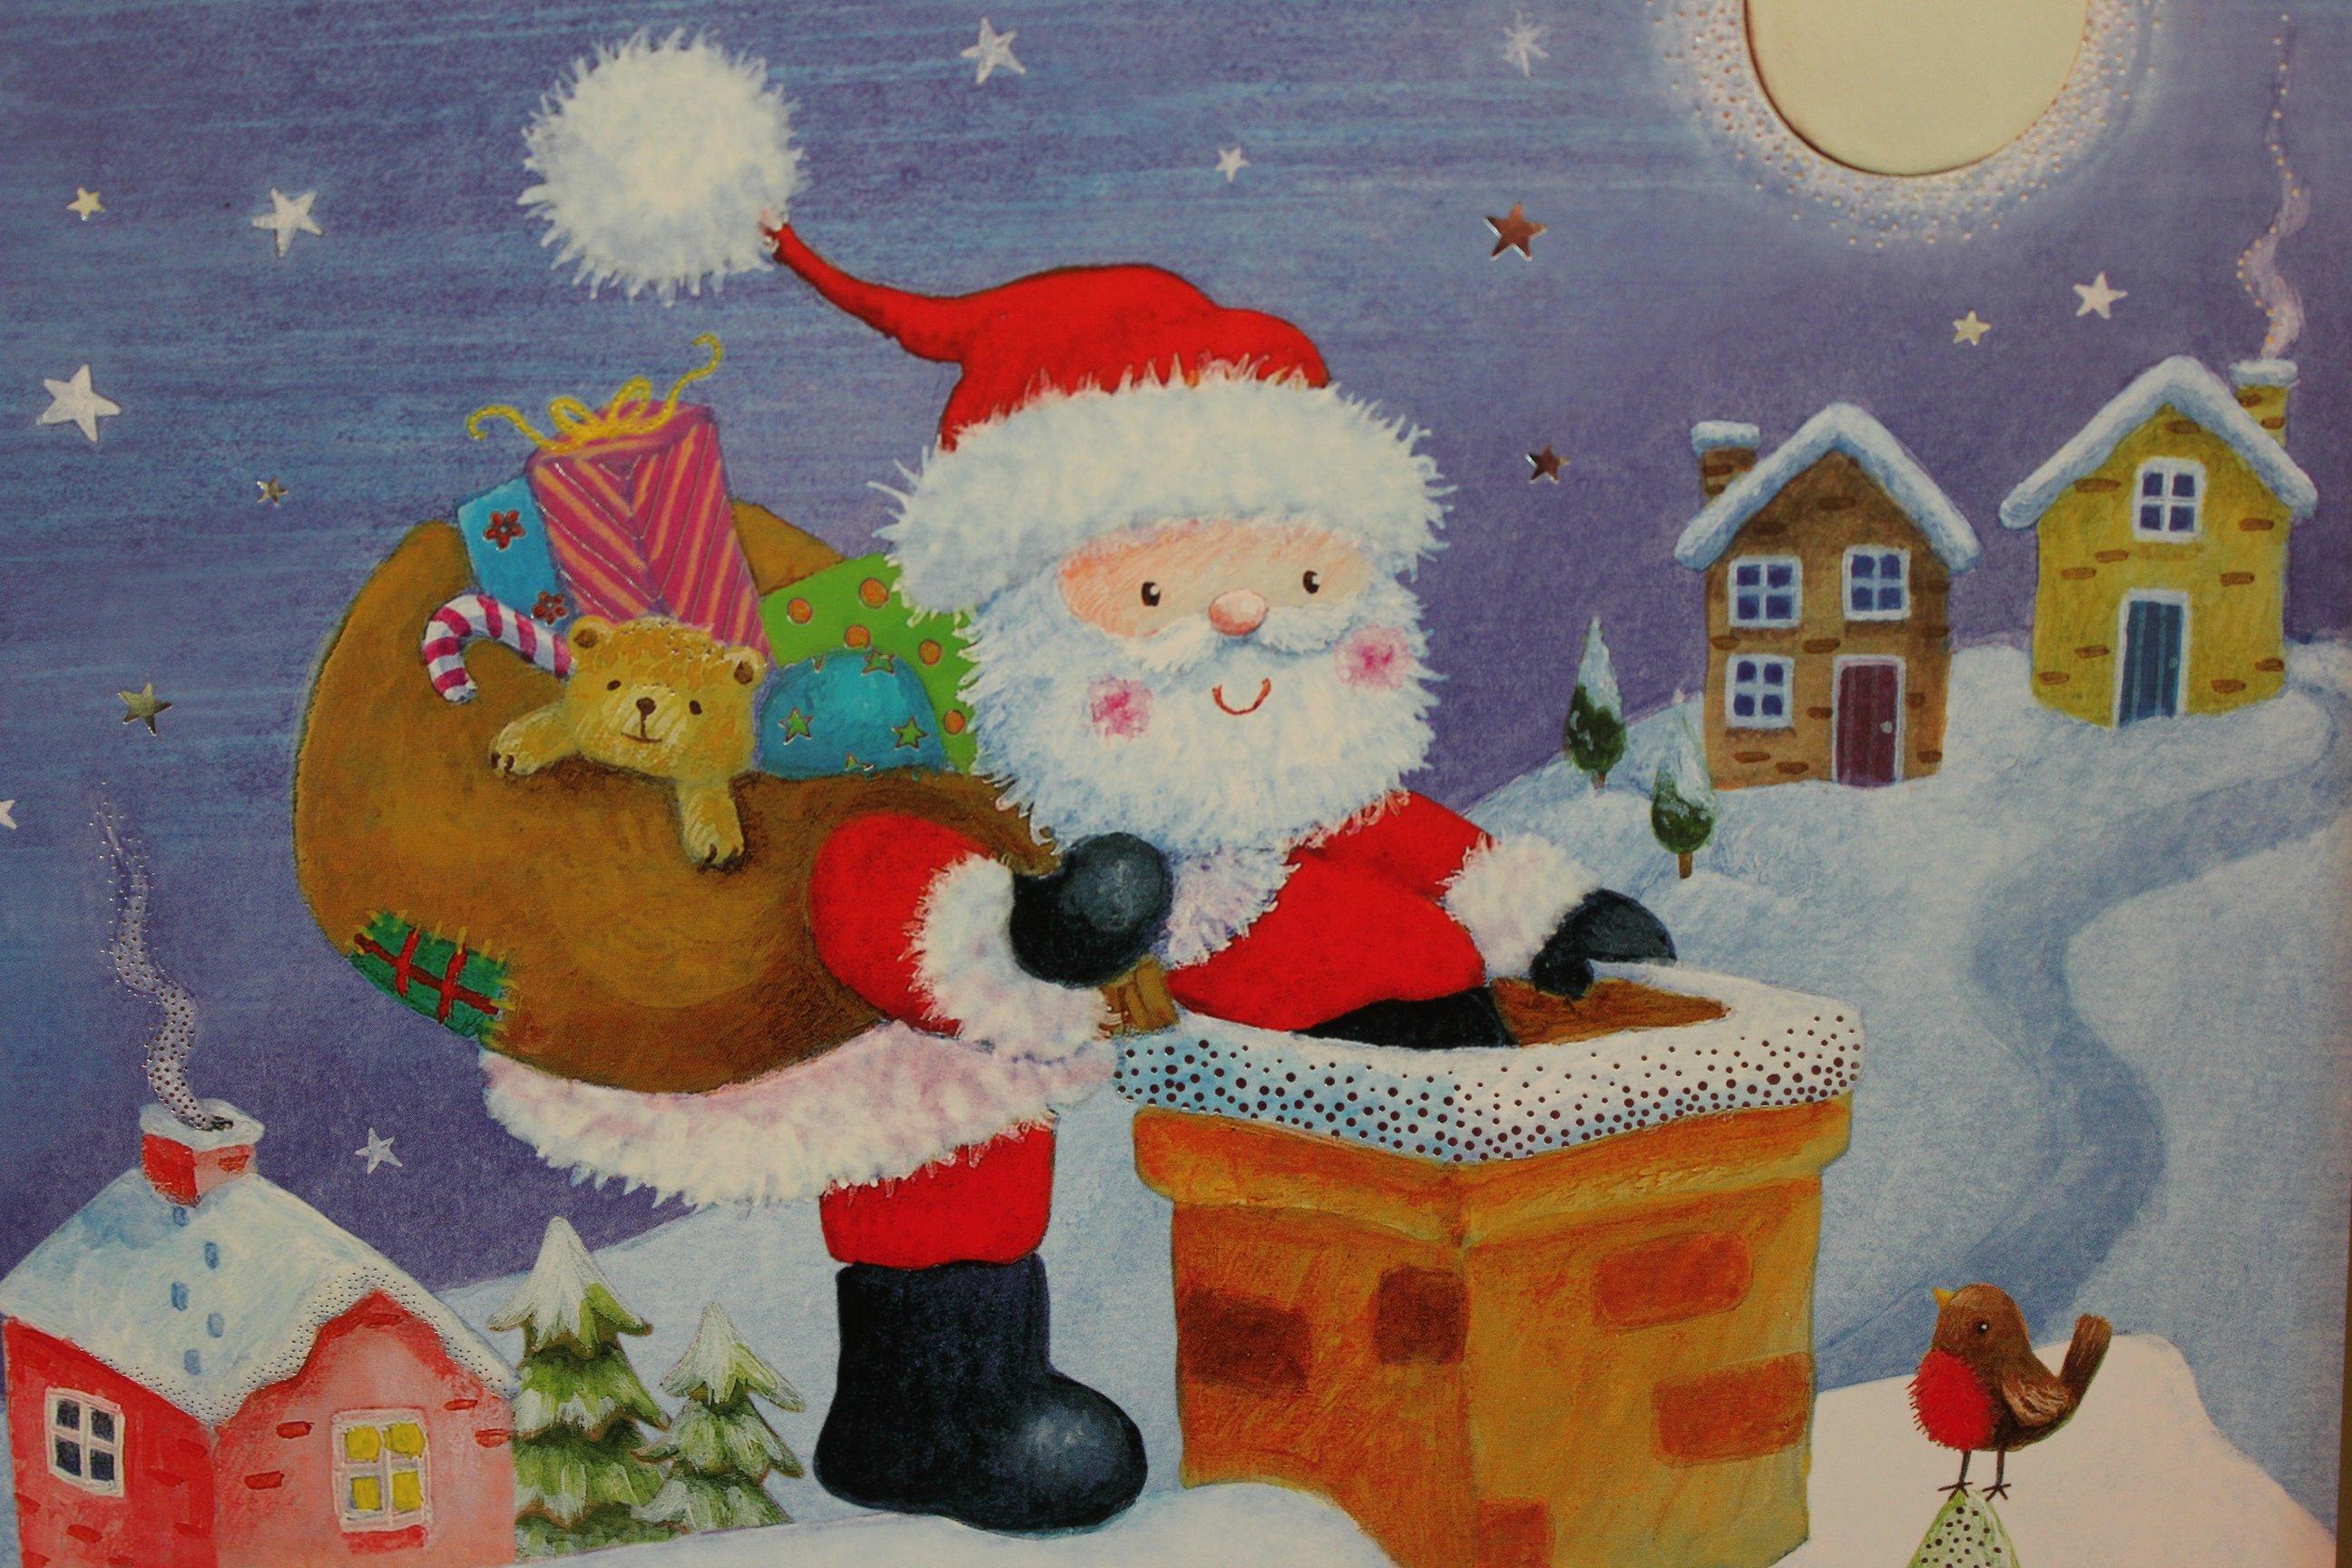 Le Père Noël - Sons Et Images Usborne°° - Le Pays Des Merveilles tout Image Du Pere Noel Et Son Traineau